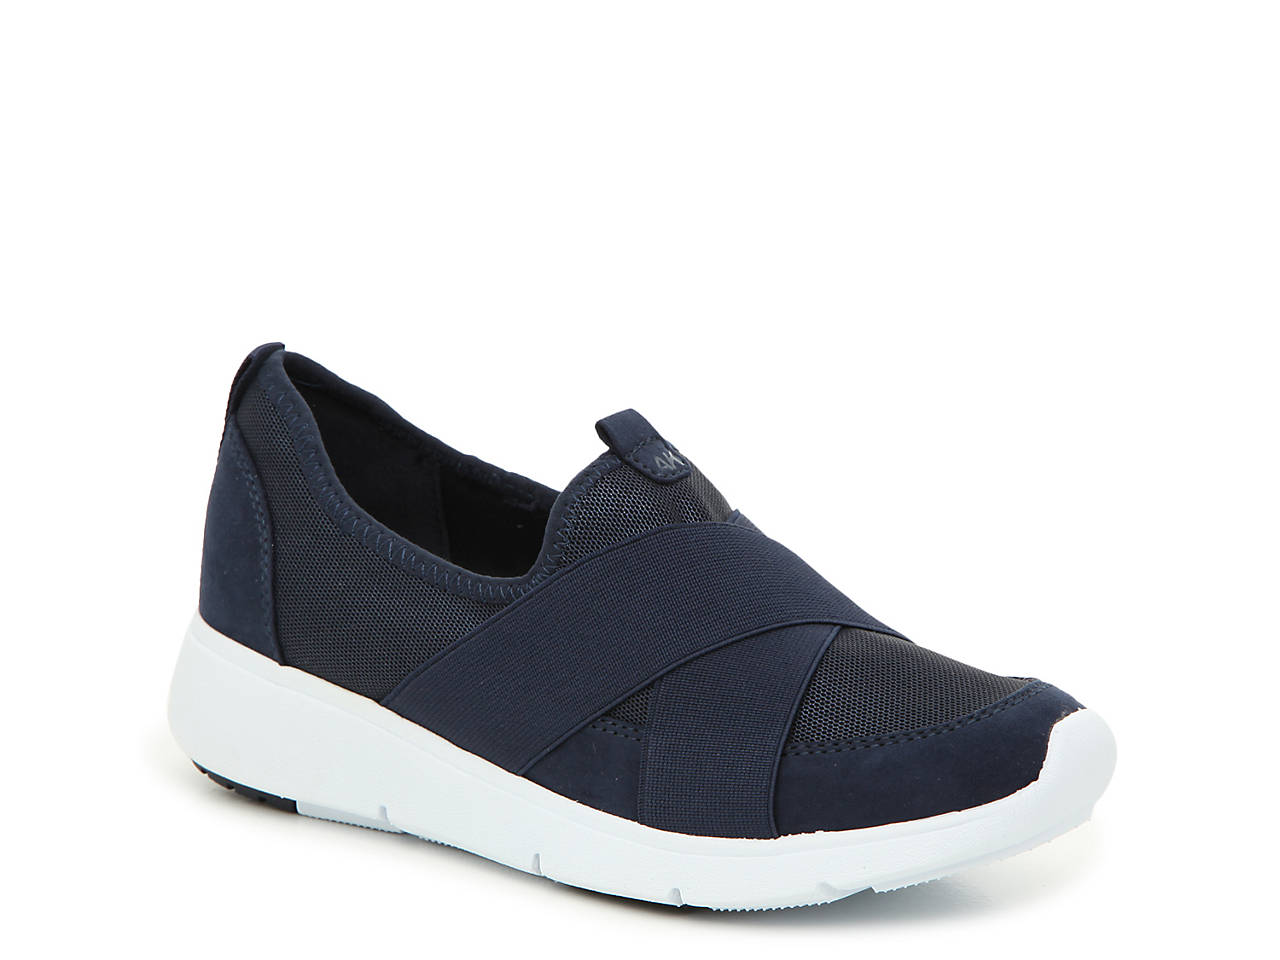 44d5072aa4df Anne Klein Sport Takeoff Wedge Slip-On Women s Shoes